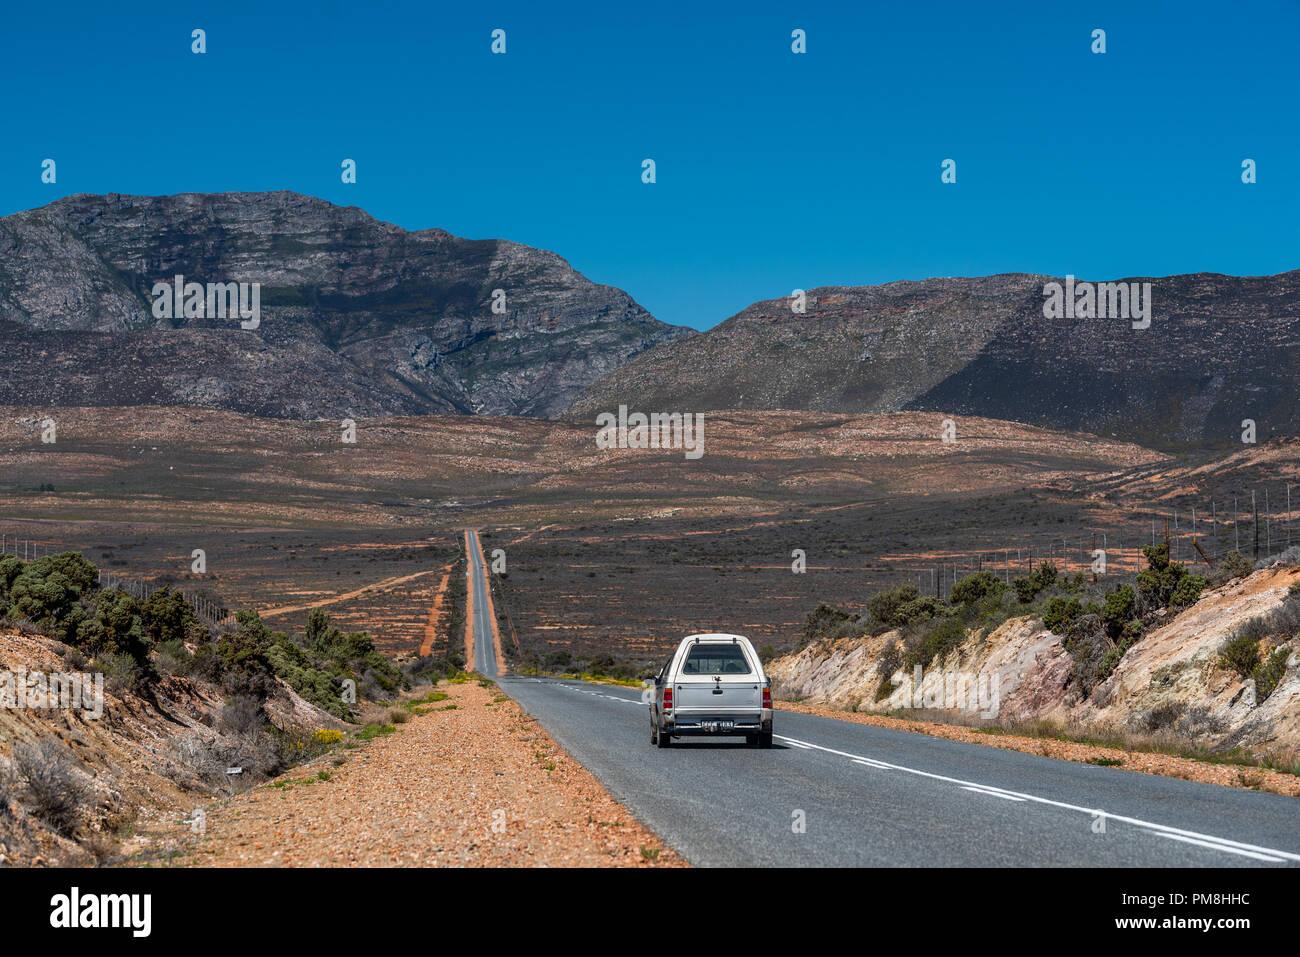 road at Langeberg, Klein Karoo, South Africa - Stock Image